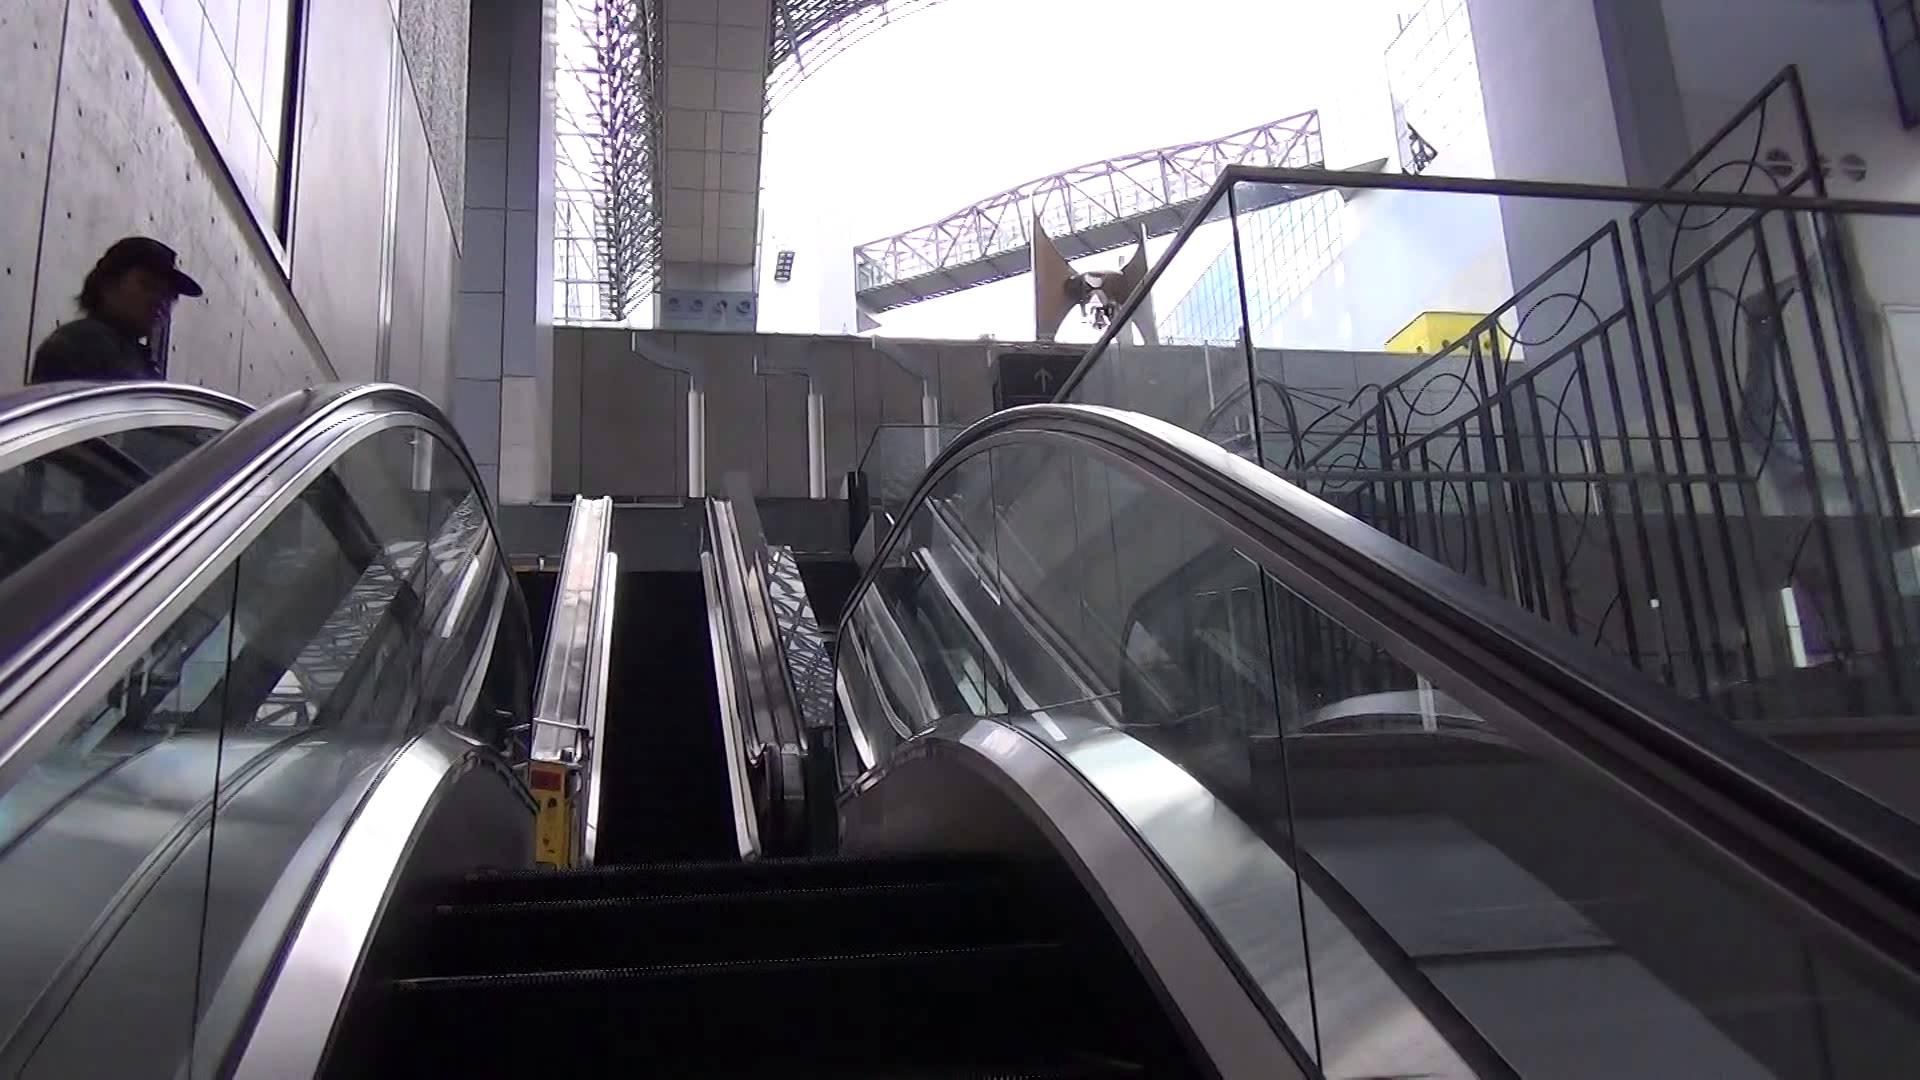 【京都動画道案内】JR京都駅(中央口)から絶景の「空中経路」まで